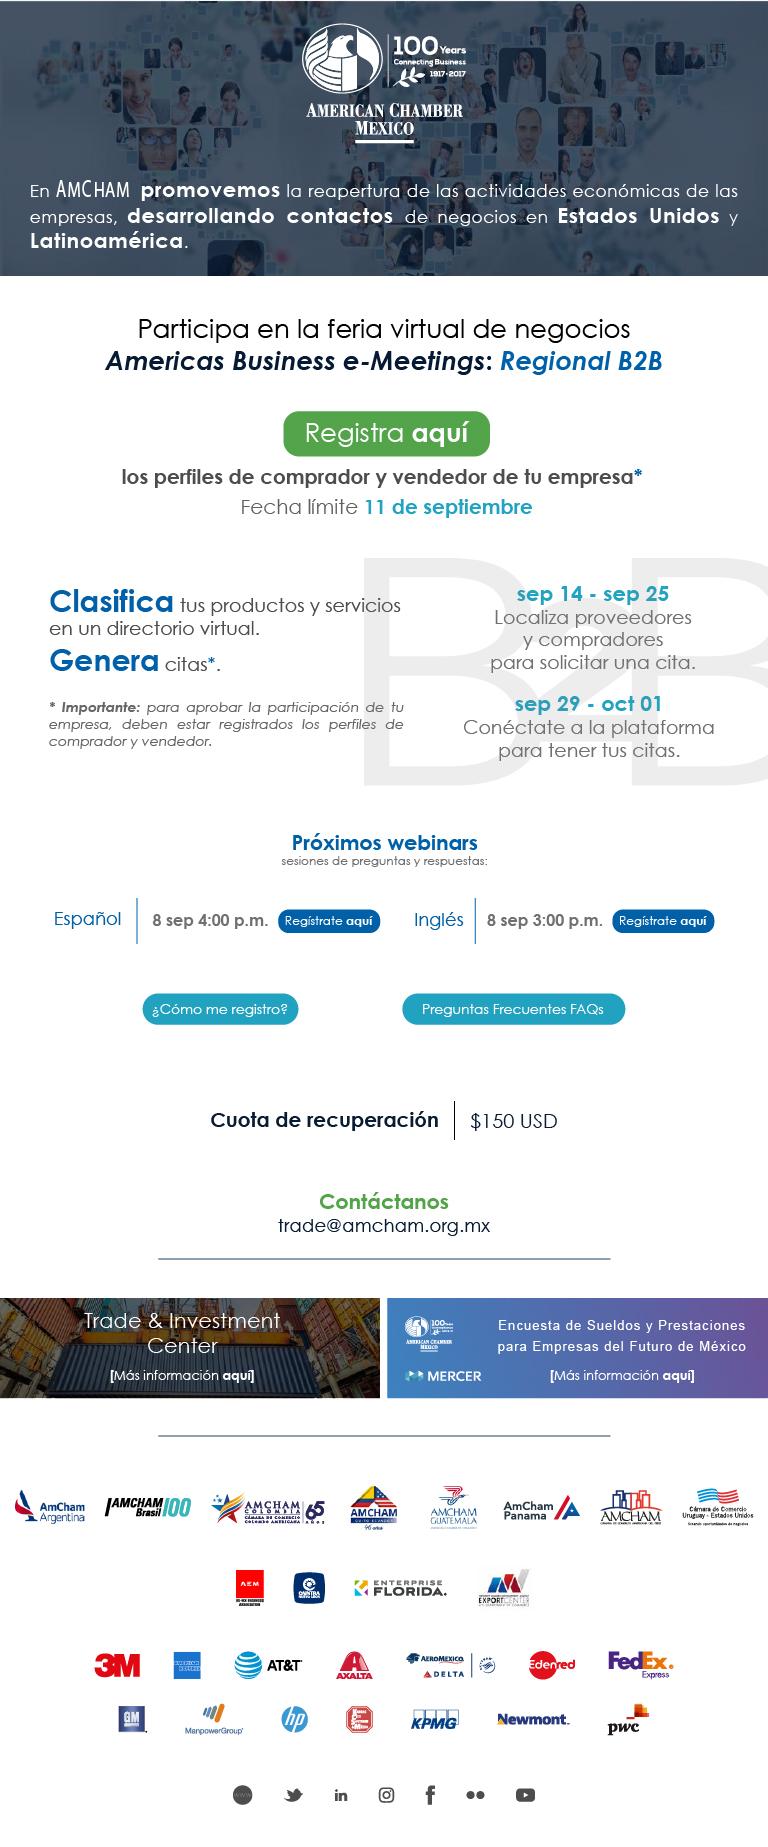 2020-09-03_ENVÍO-4_AACCLA